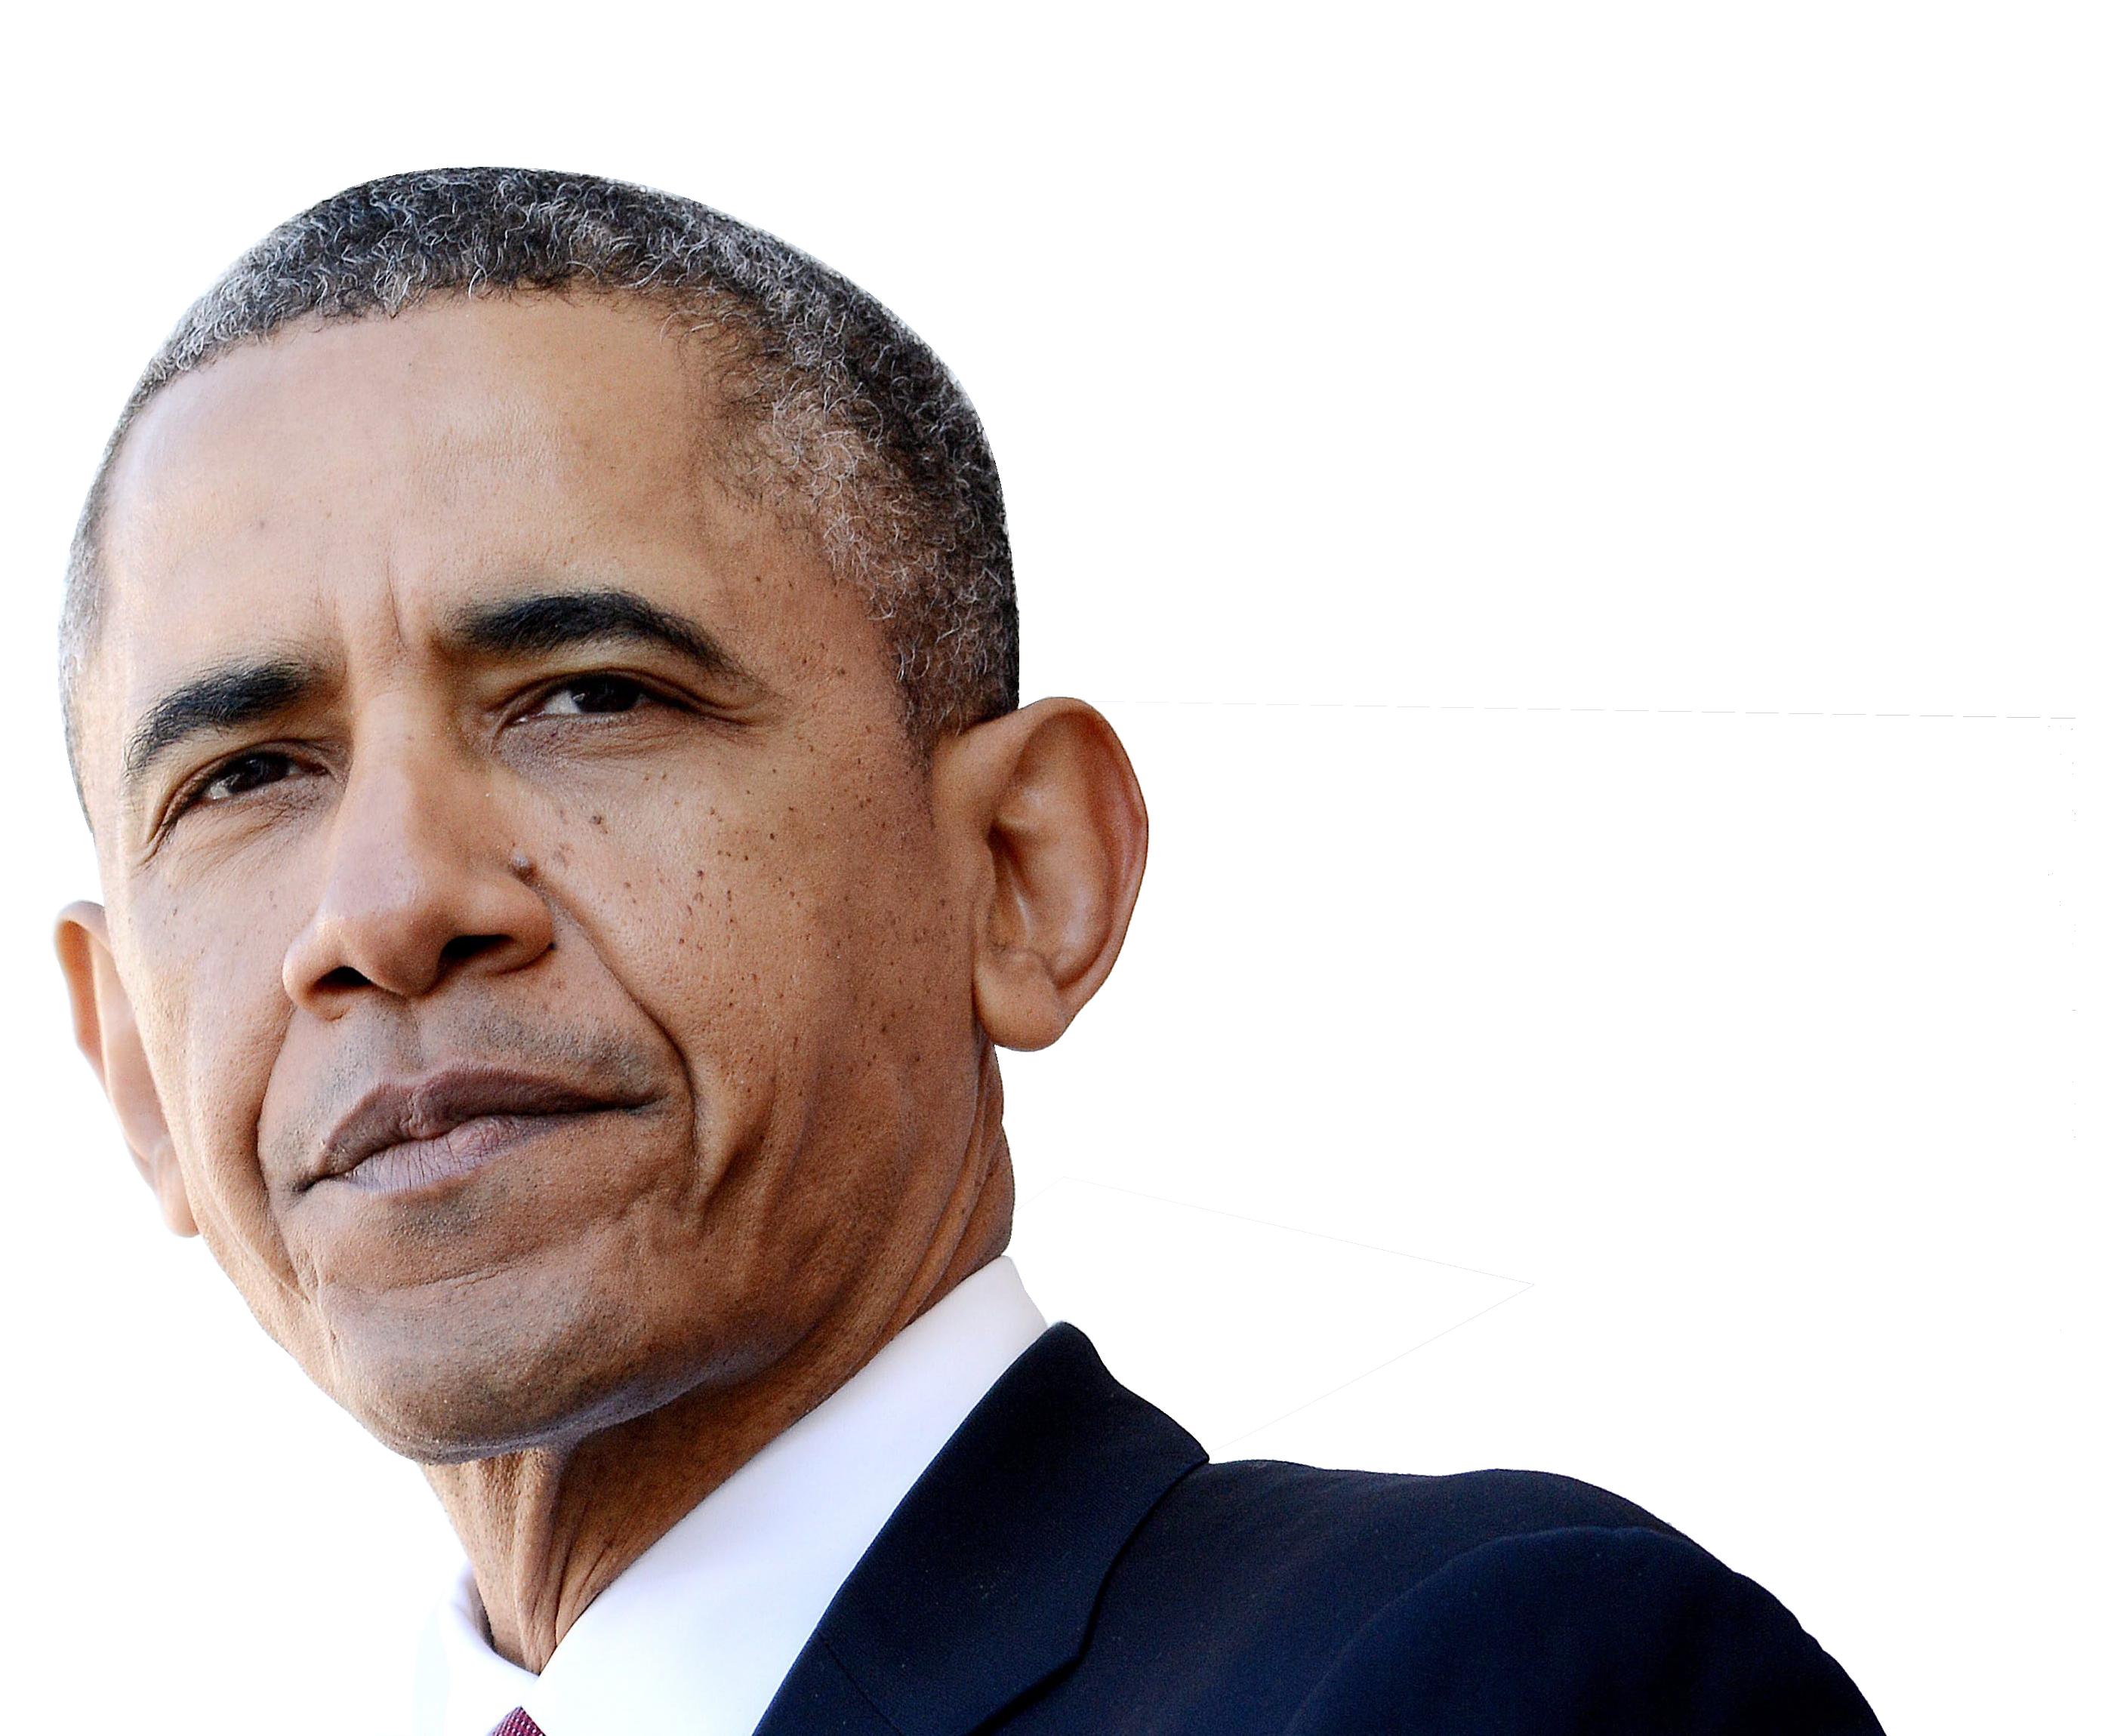 Barack Obama PNG images free download.